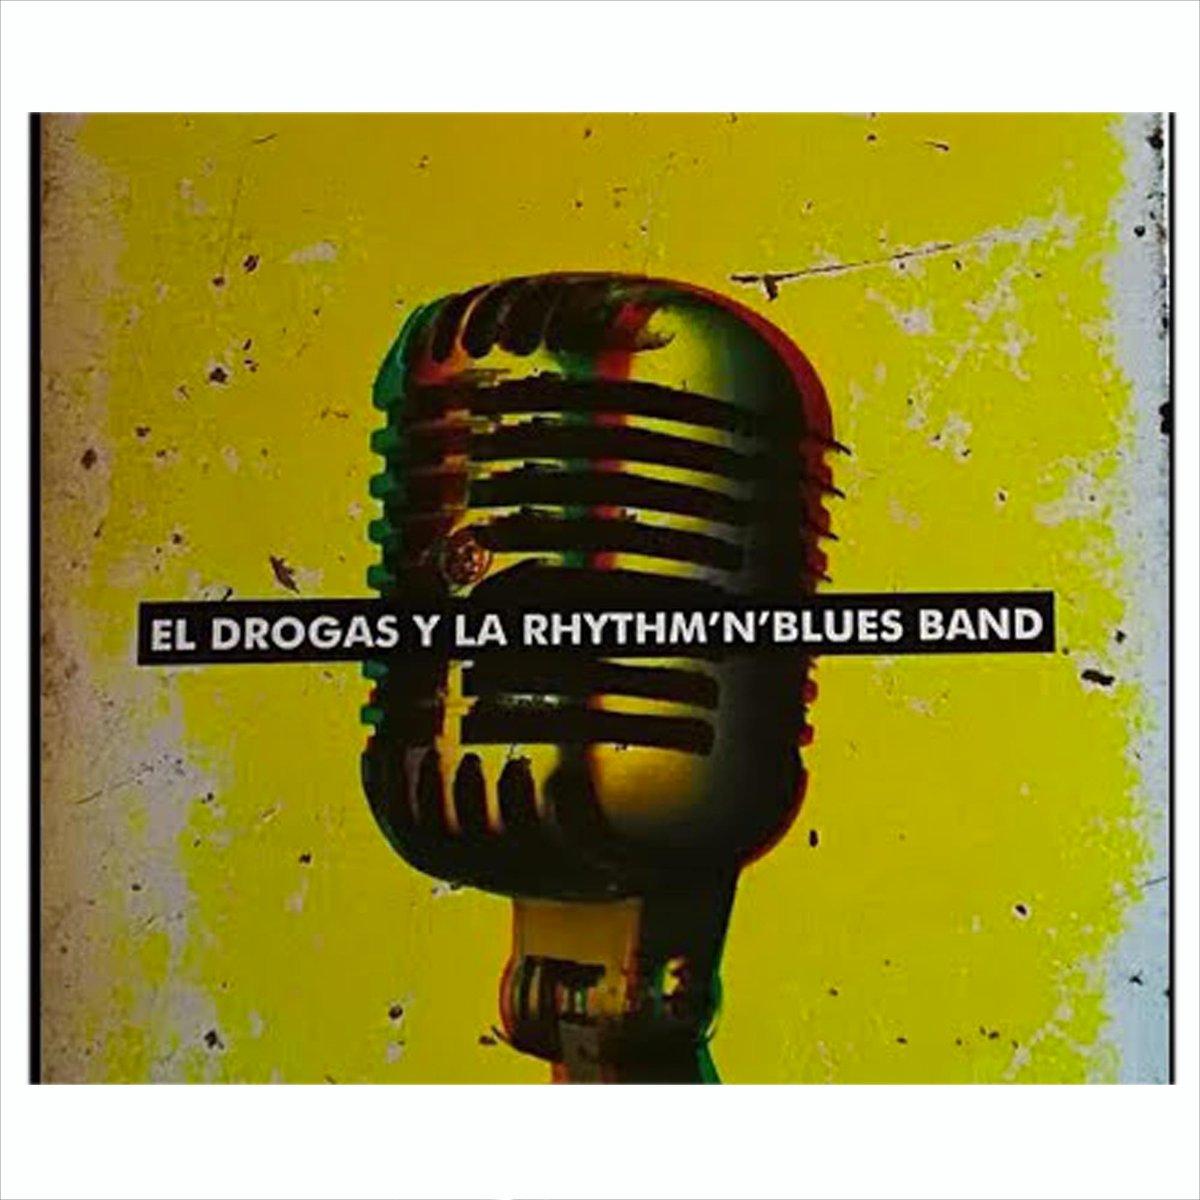 Image of El Drogas y la Rhythm 'n' Blues Band